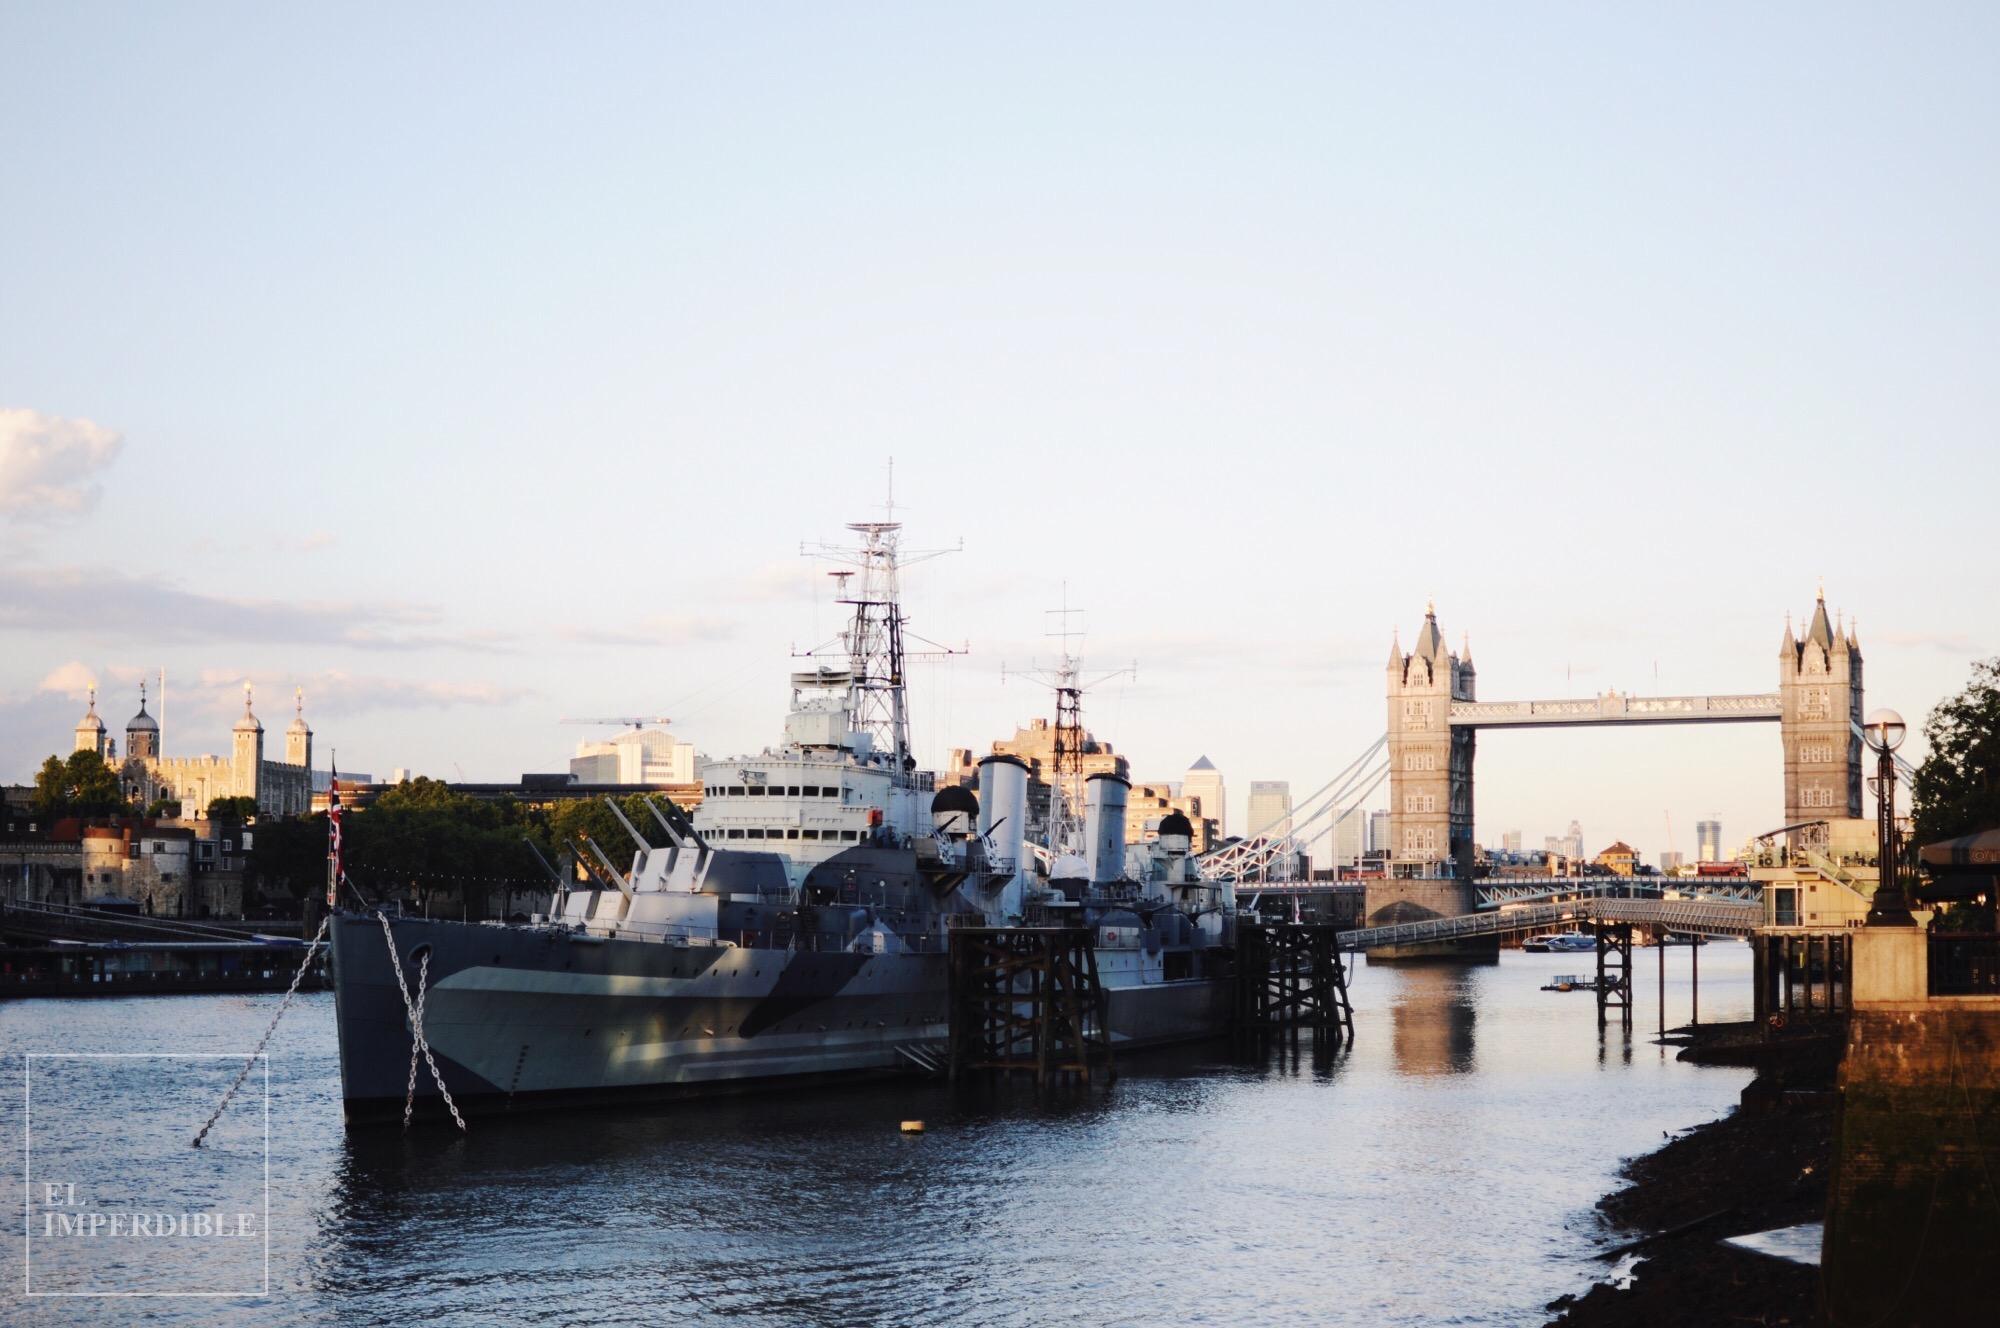 HMS Belfast Tower Brigde Lugares que visitar en Londres